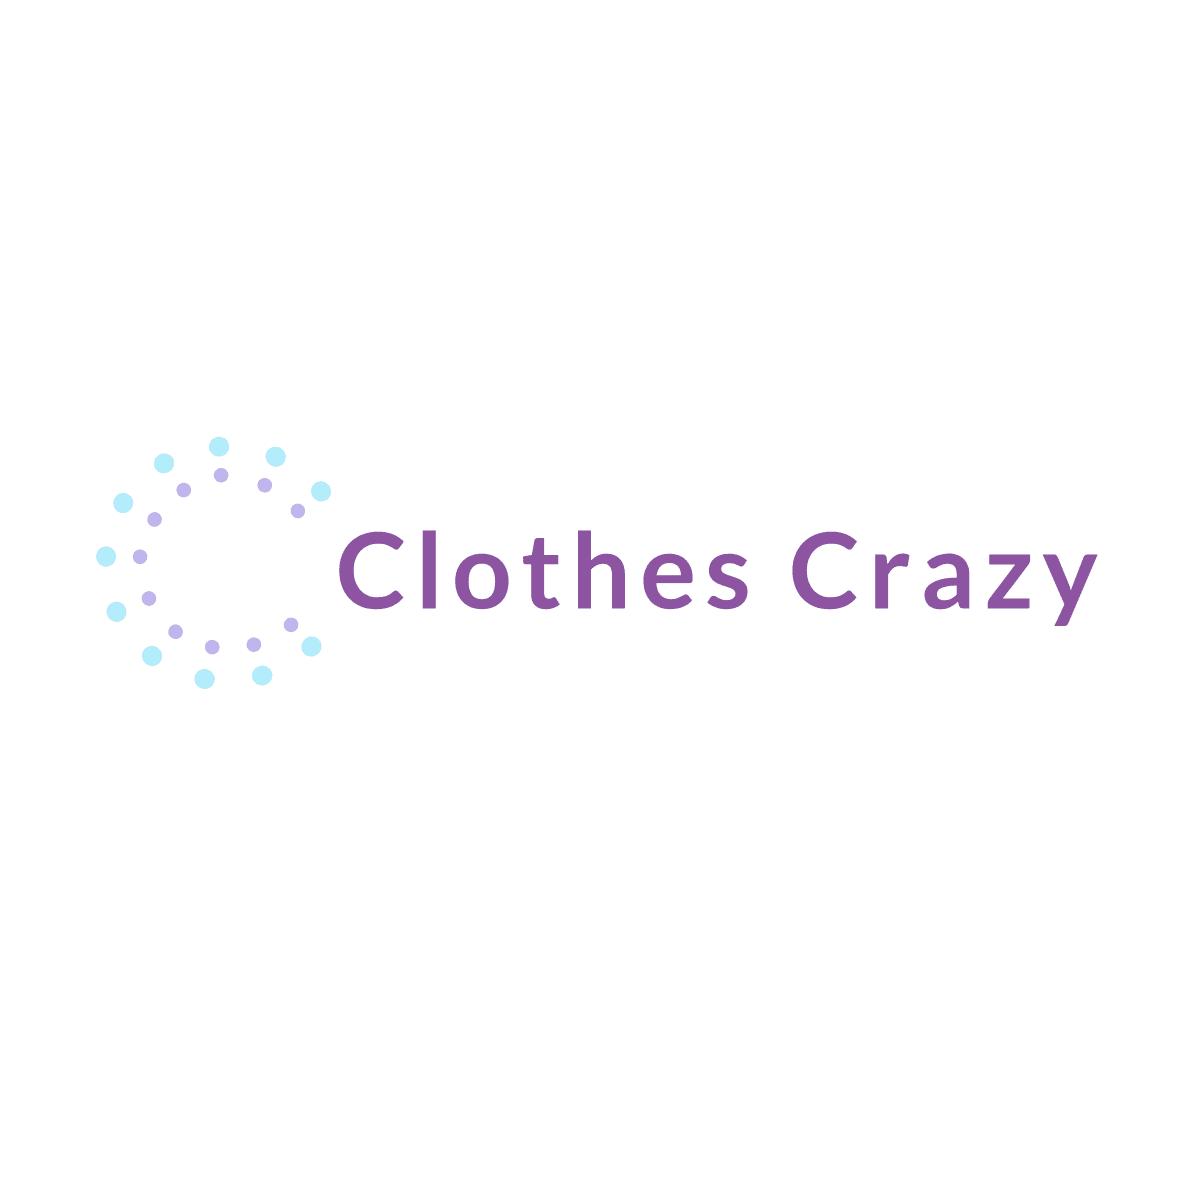 Clothes Crazy